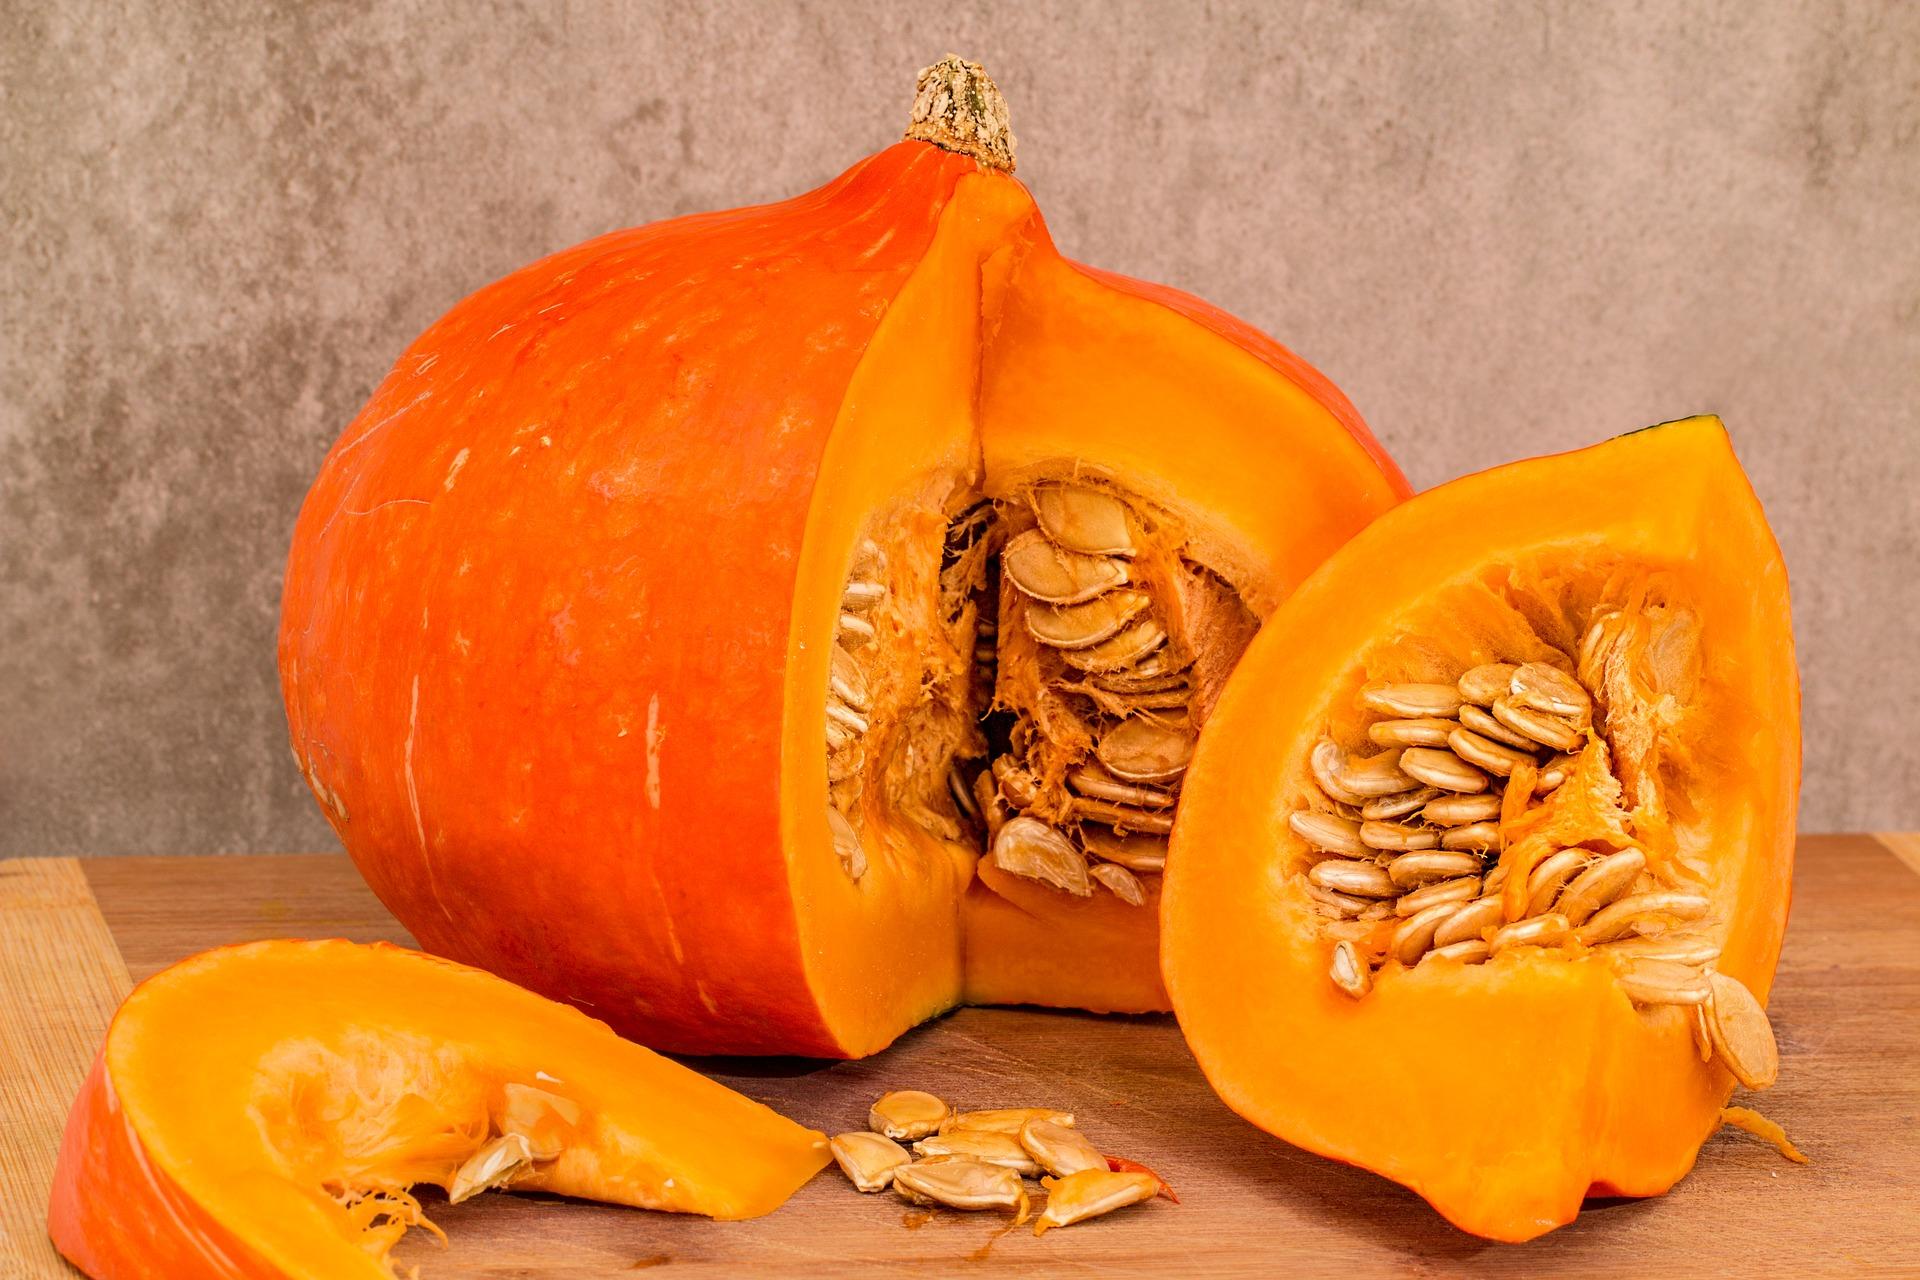 pumpkin-3360793_1920.jpg